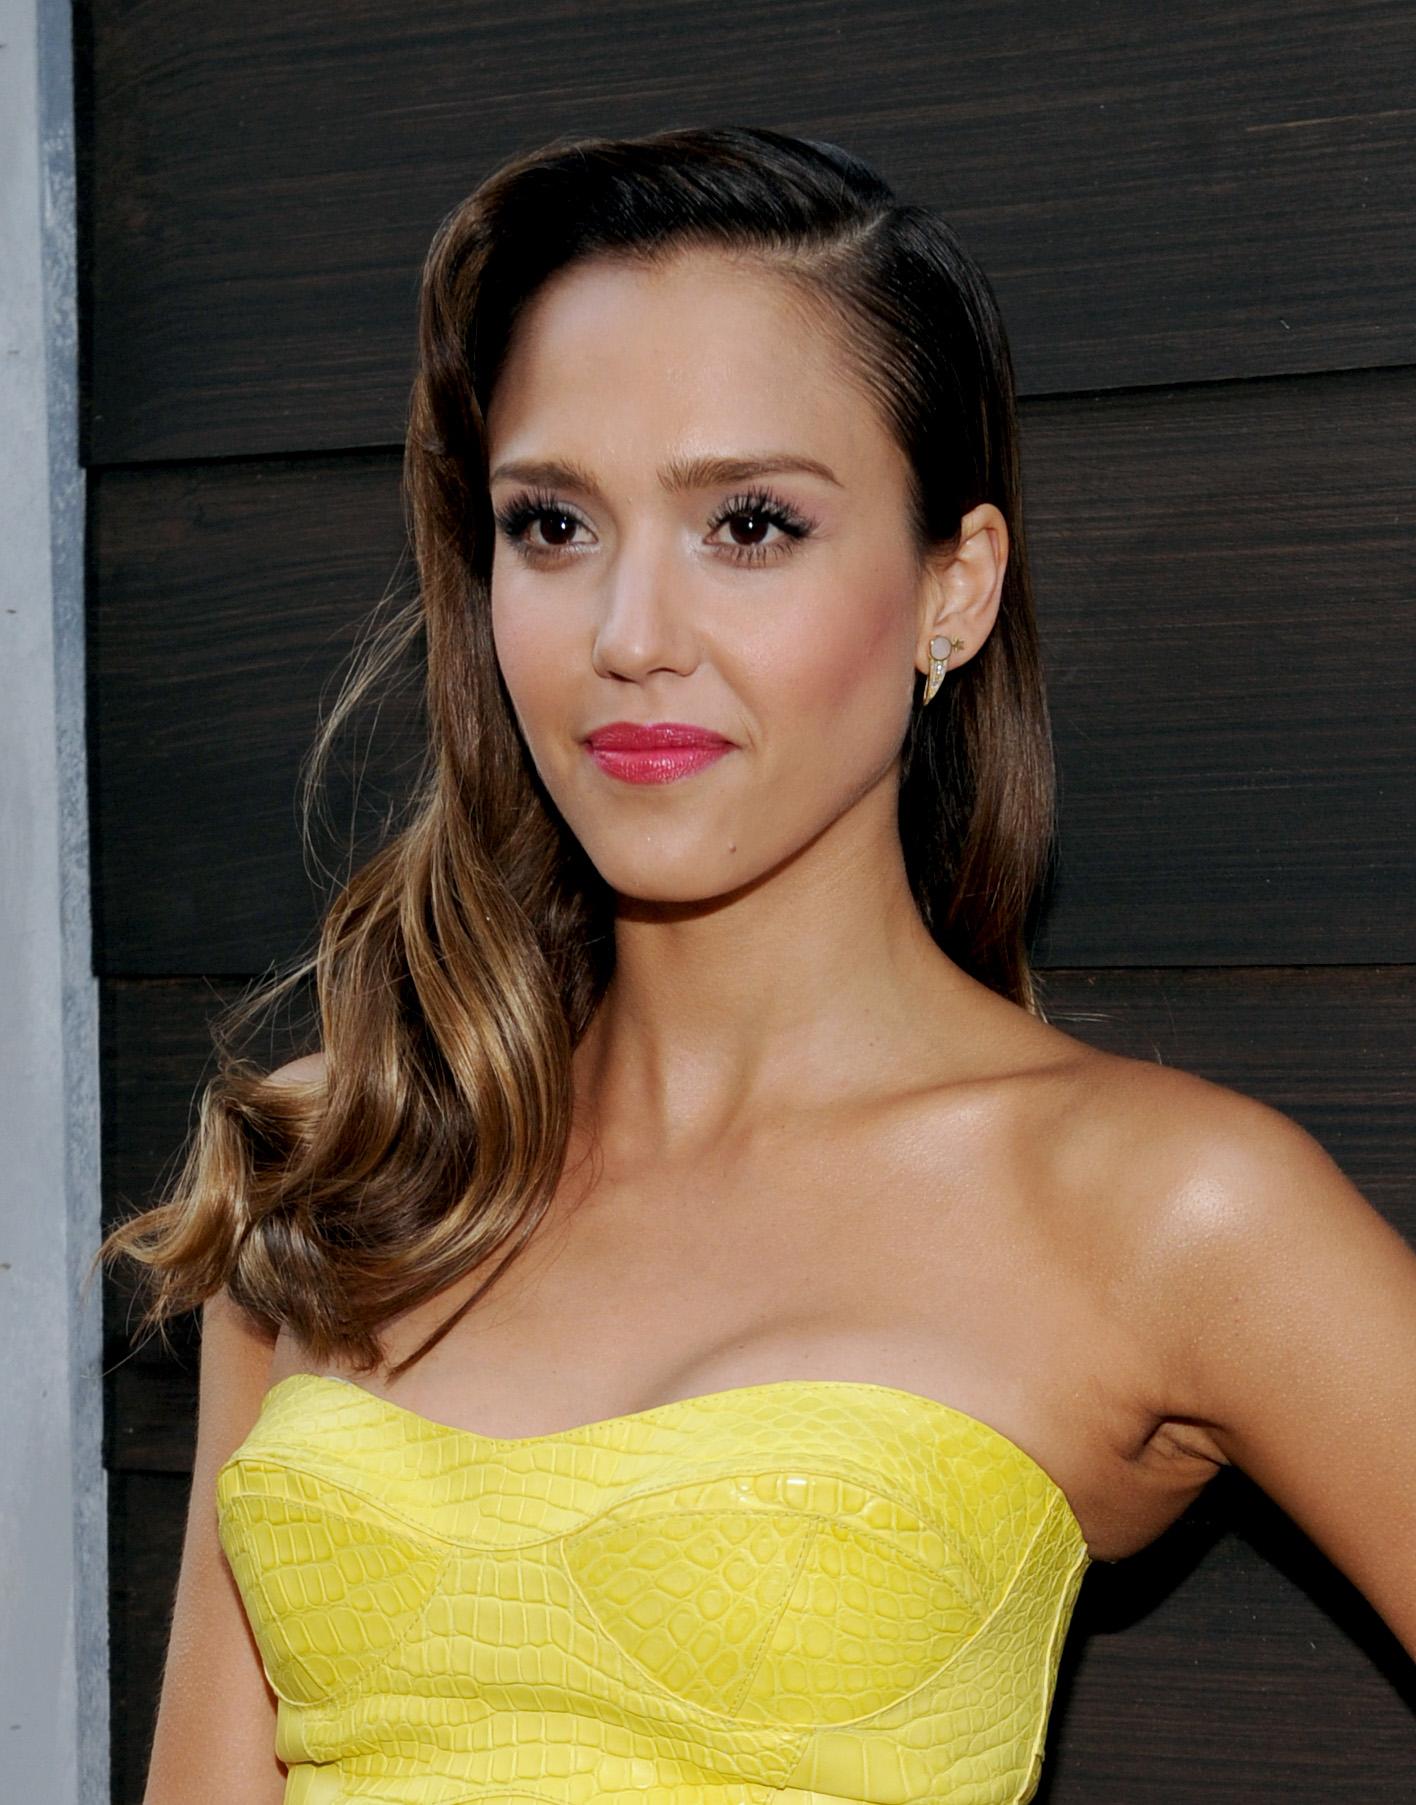 Актриса Джессика Альба призналась, что не довольна своей фигурой